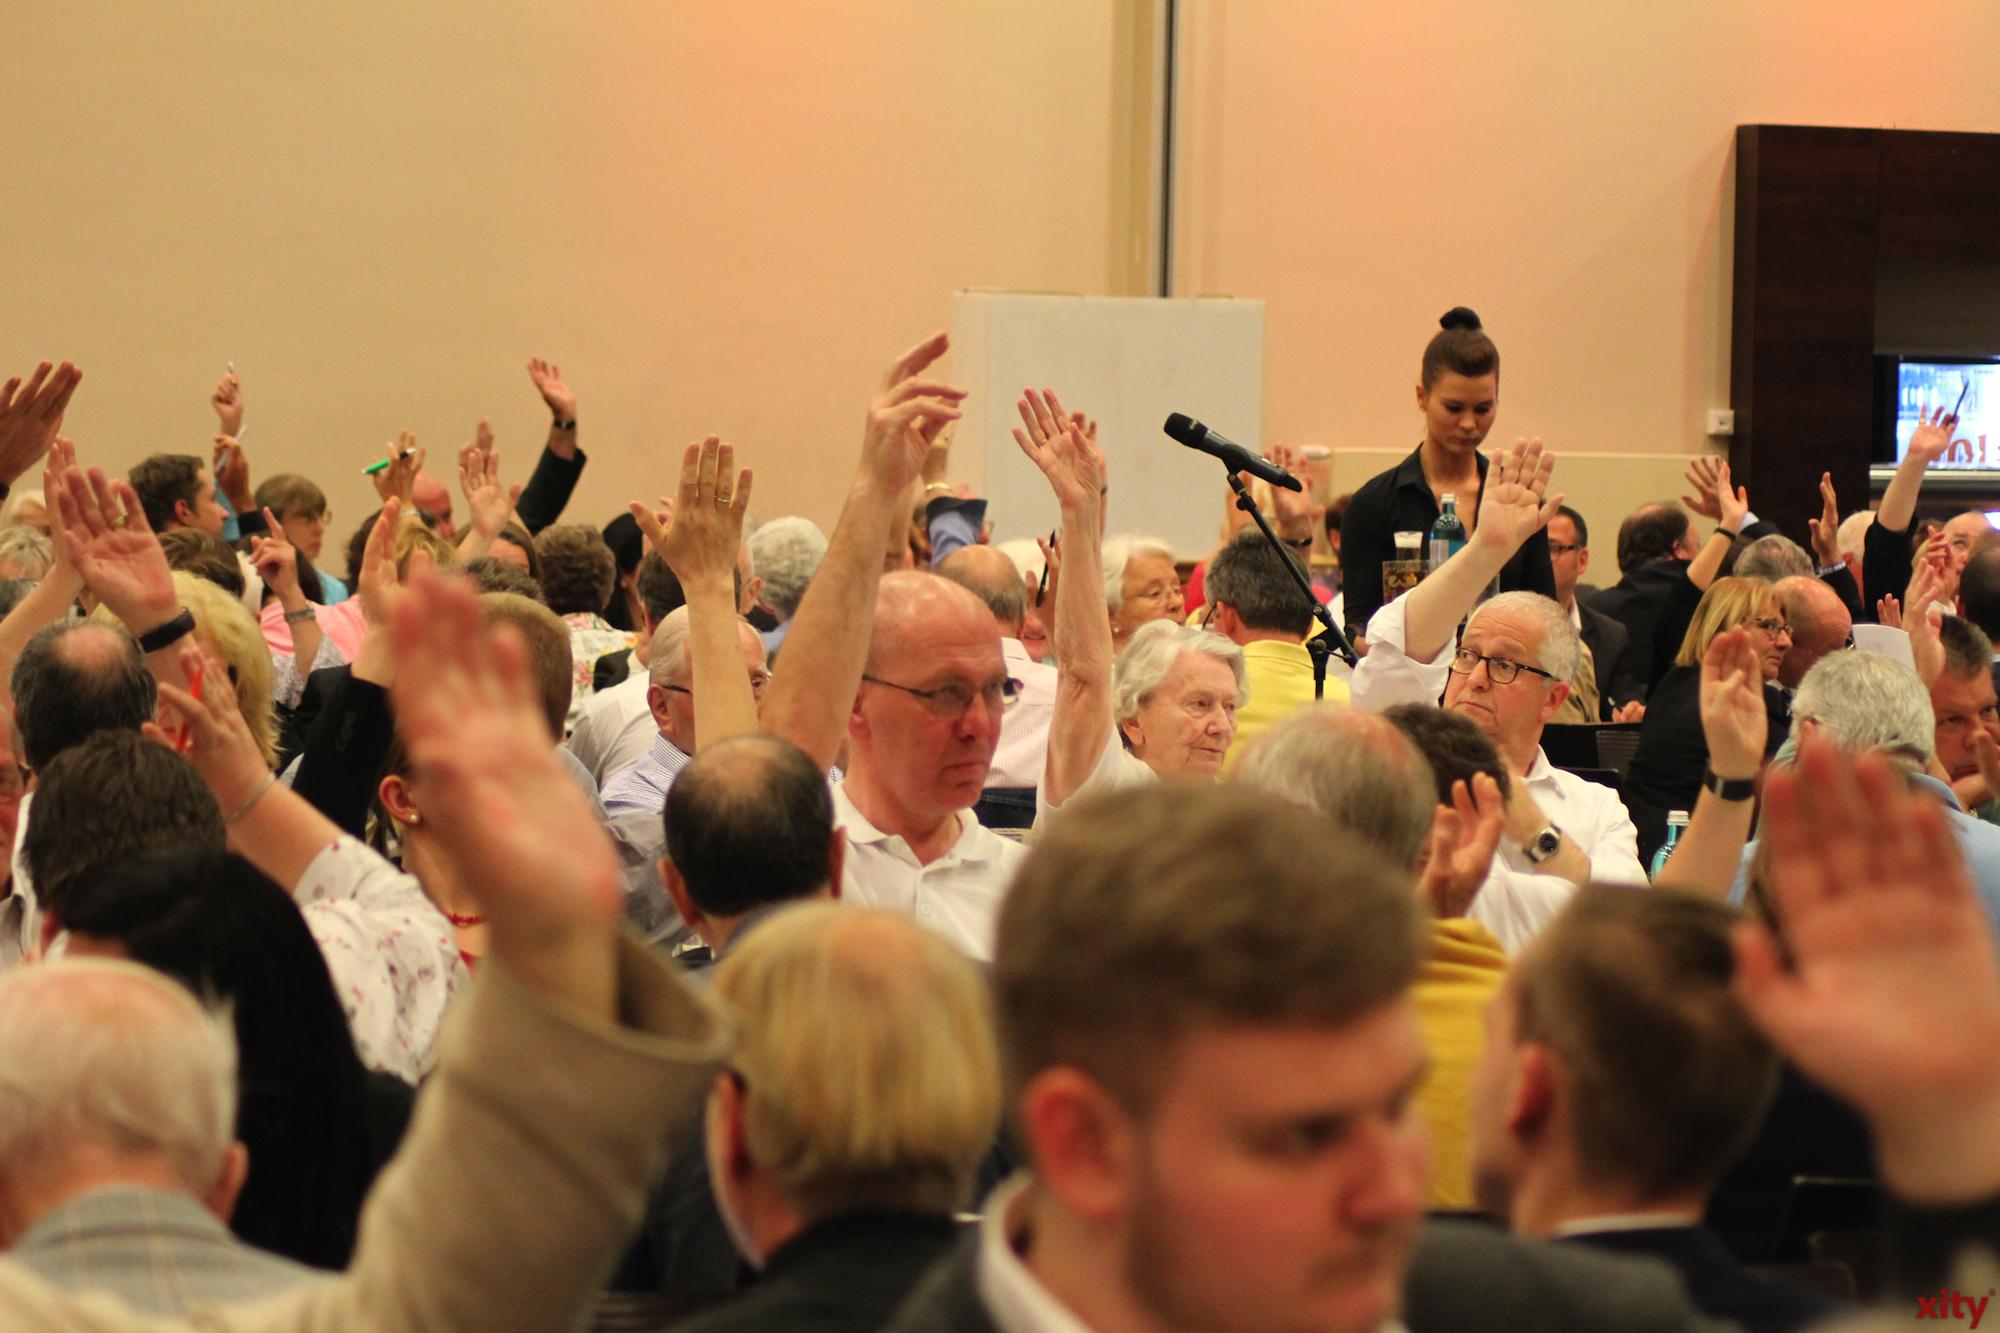 Die Vertrewterversammlung wählte die Kandidaten natürlich nicht per Handzeichen, sondern in einer geheimen Wahl (Foto: xity)